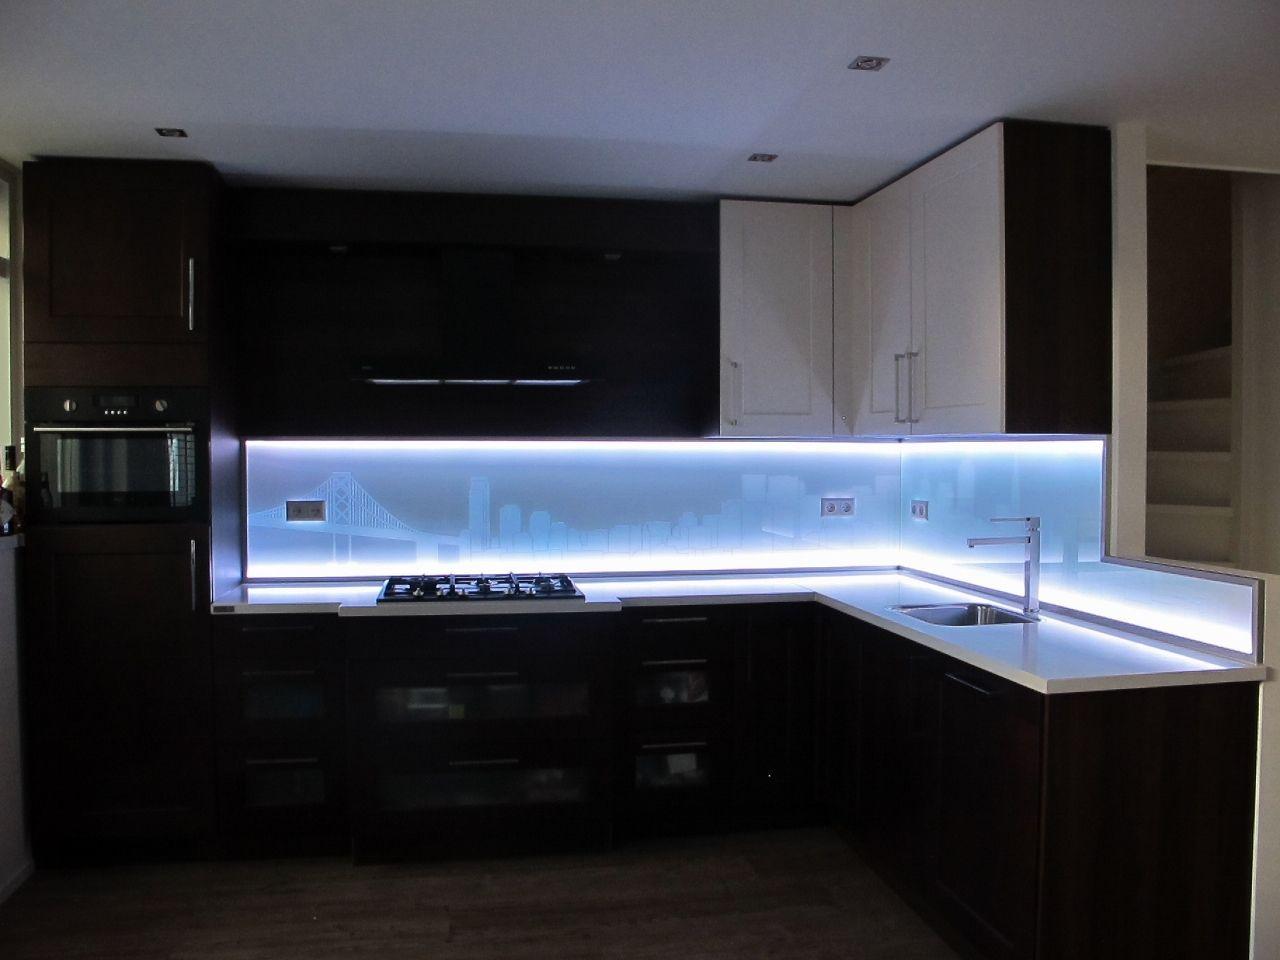 Glazen achterwand keuken - Ledverlichting onder en boven | Keuken ...